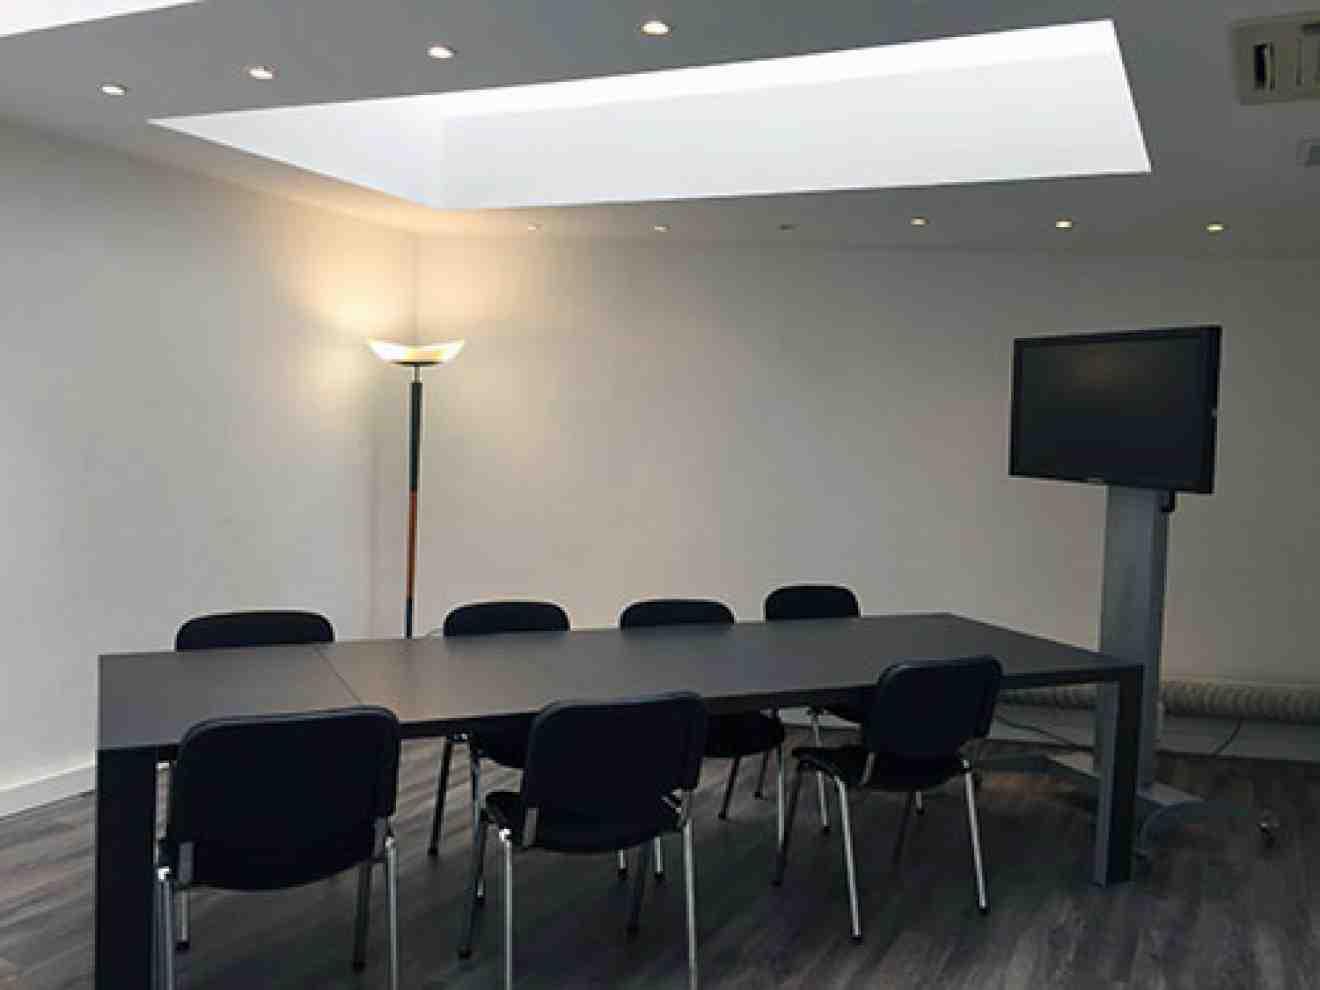 Centre Solférino, Lille, Salle de réunion 2 à 12 personnes.